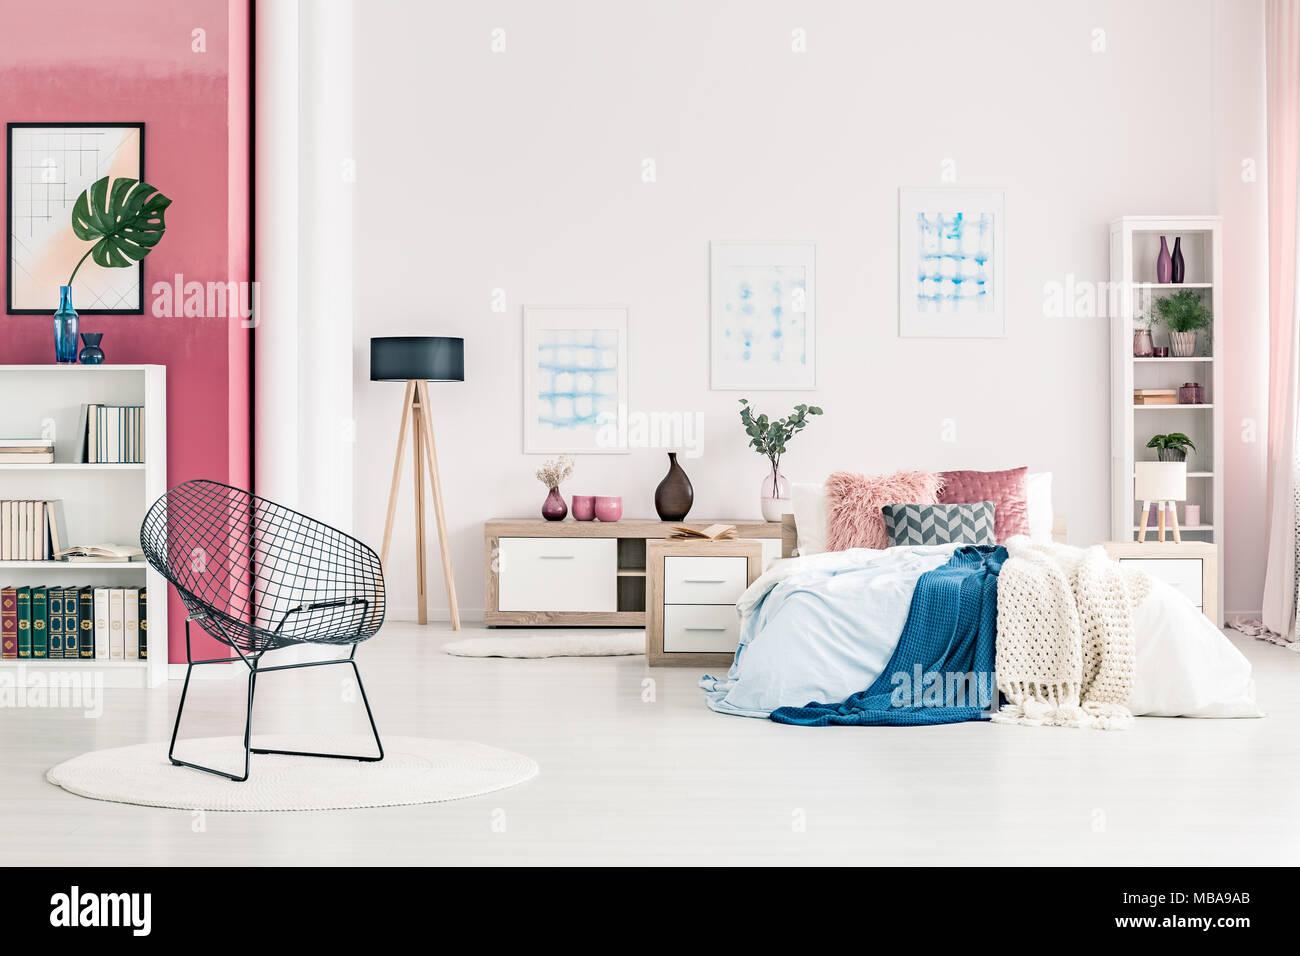 Letto grande con cuscini e fogli in camera da letto moderni interni con sedia in metallo round - Poster camera da letto ...